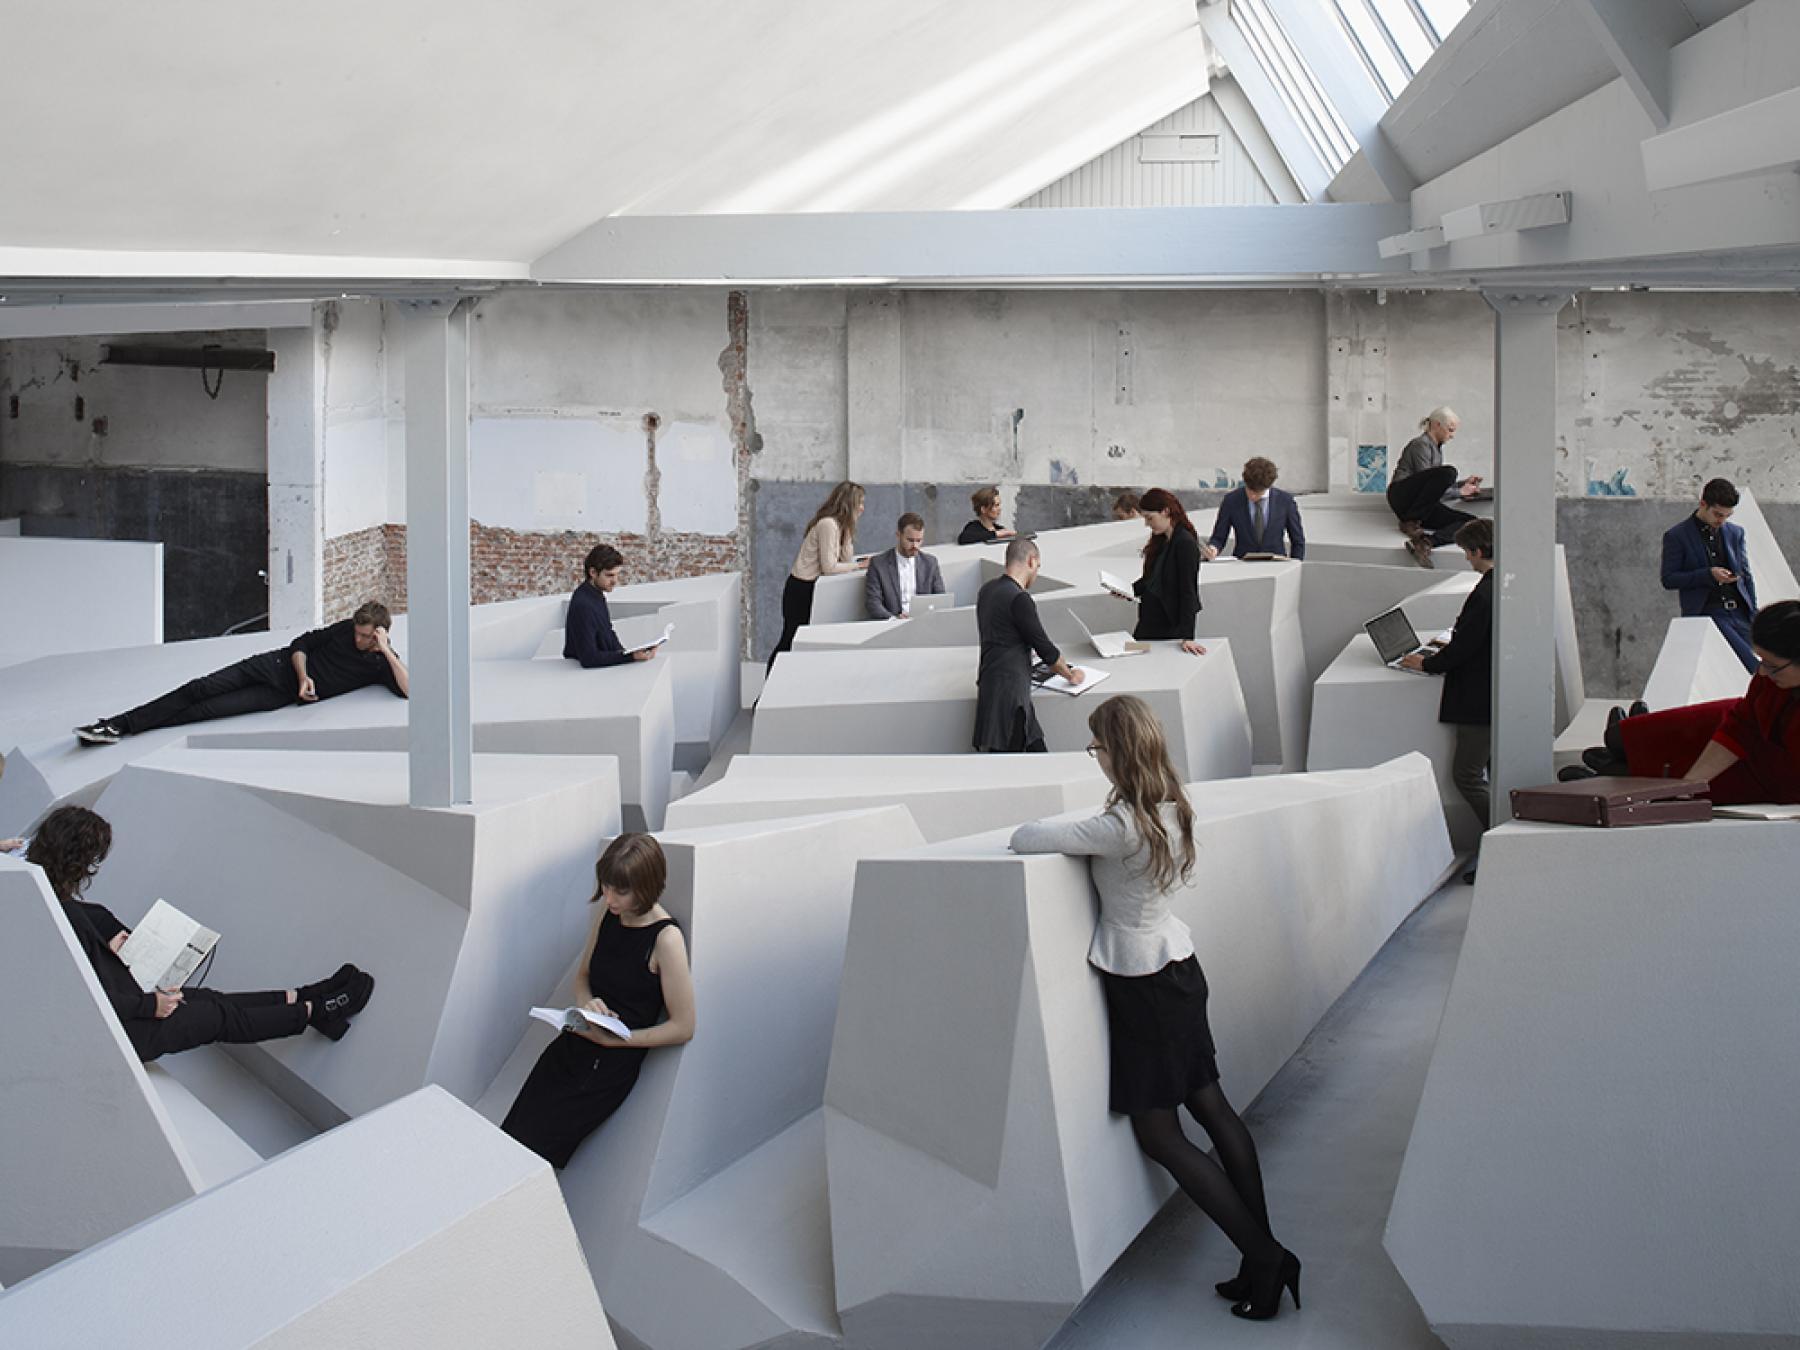 kantoor van de toekomst in nederland